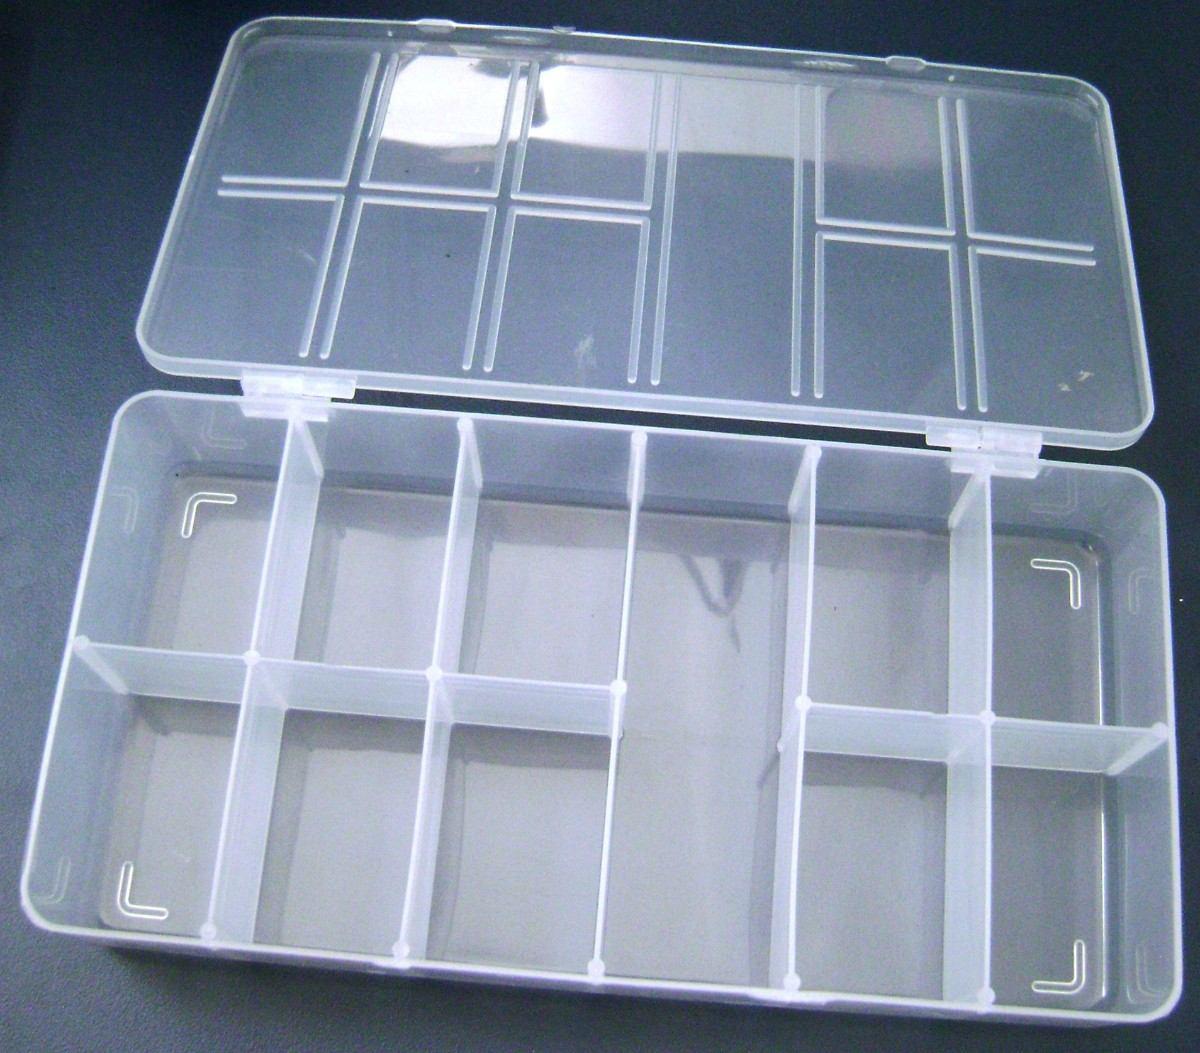 caixa plástica organizadora 11 divisórias #23323E 1200x1053